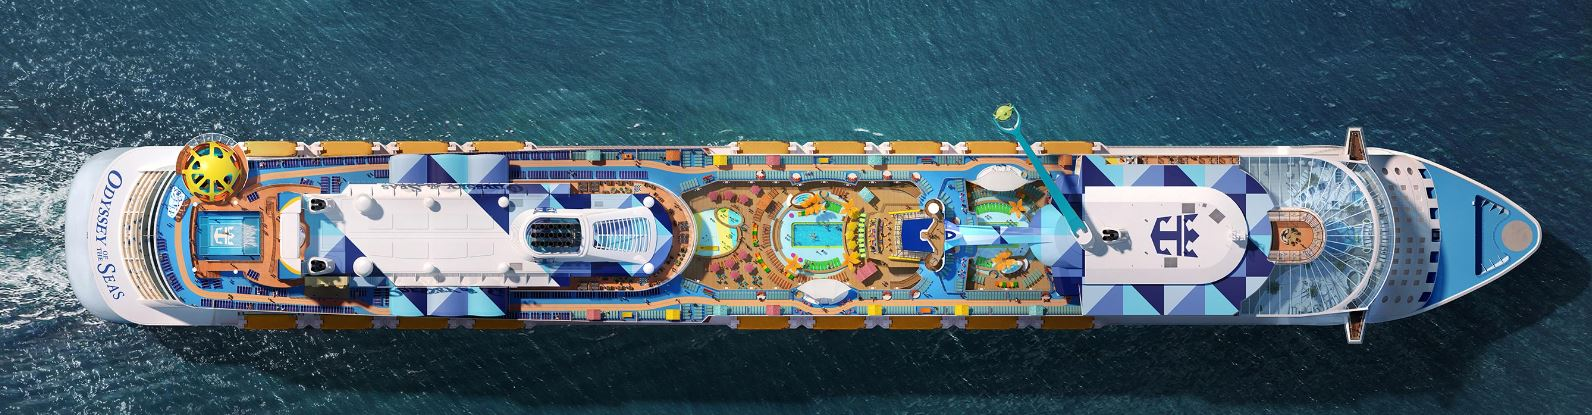 שייט  מחיפה באניית פאר | 8 ימים | Odyssey of the Seas | סיורי חוף כלולים במחיר | אופצייה לאוכל כשר